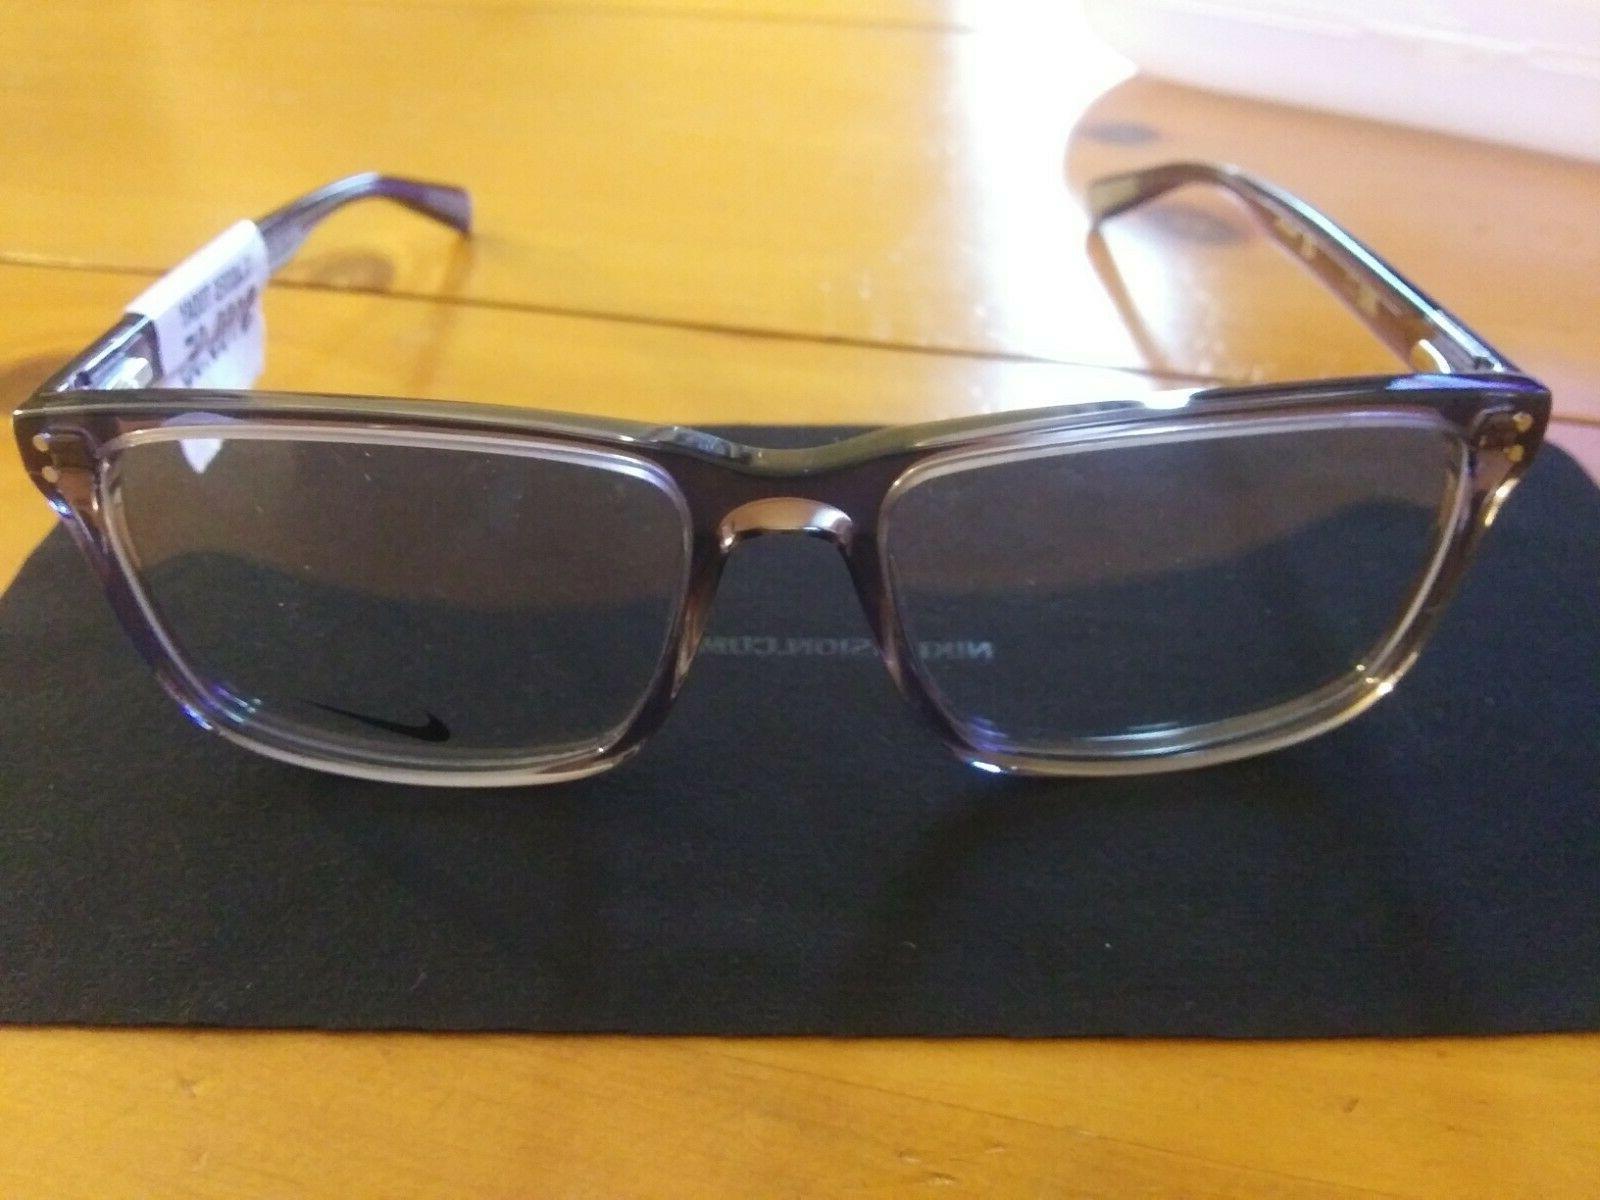 brand new mens 7238 eyeglasses frames 050